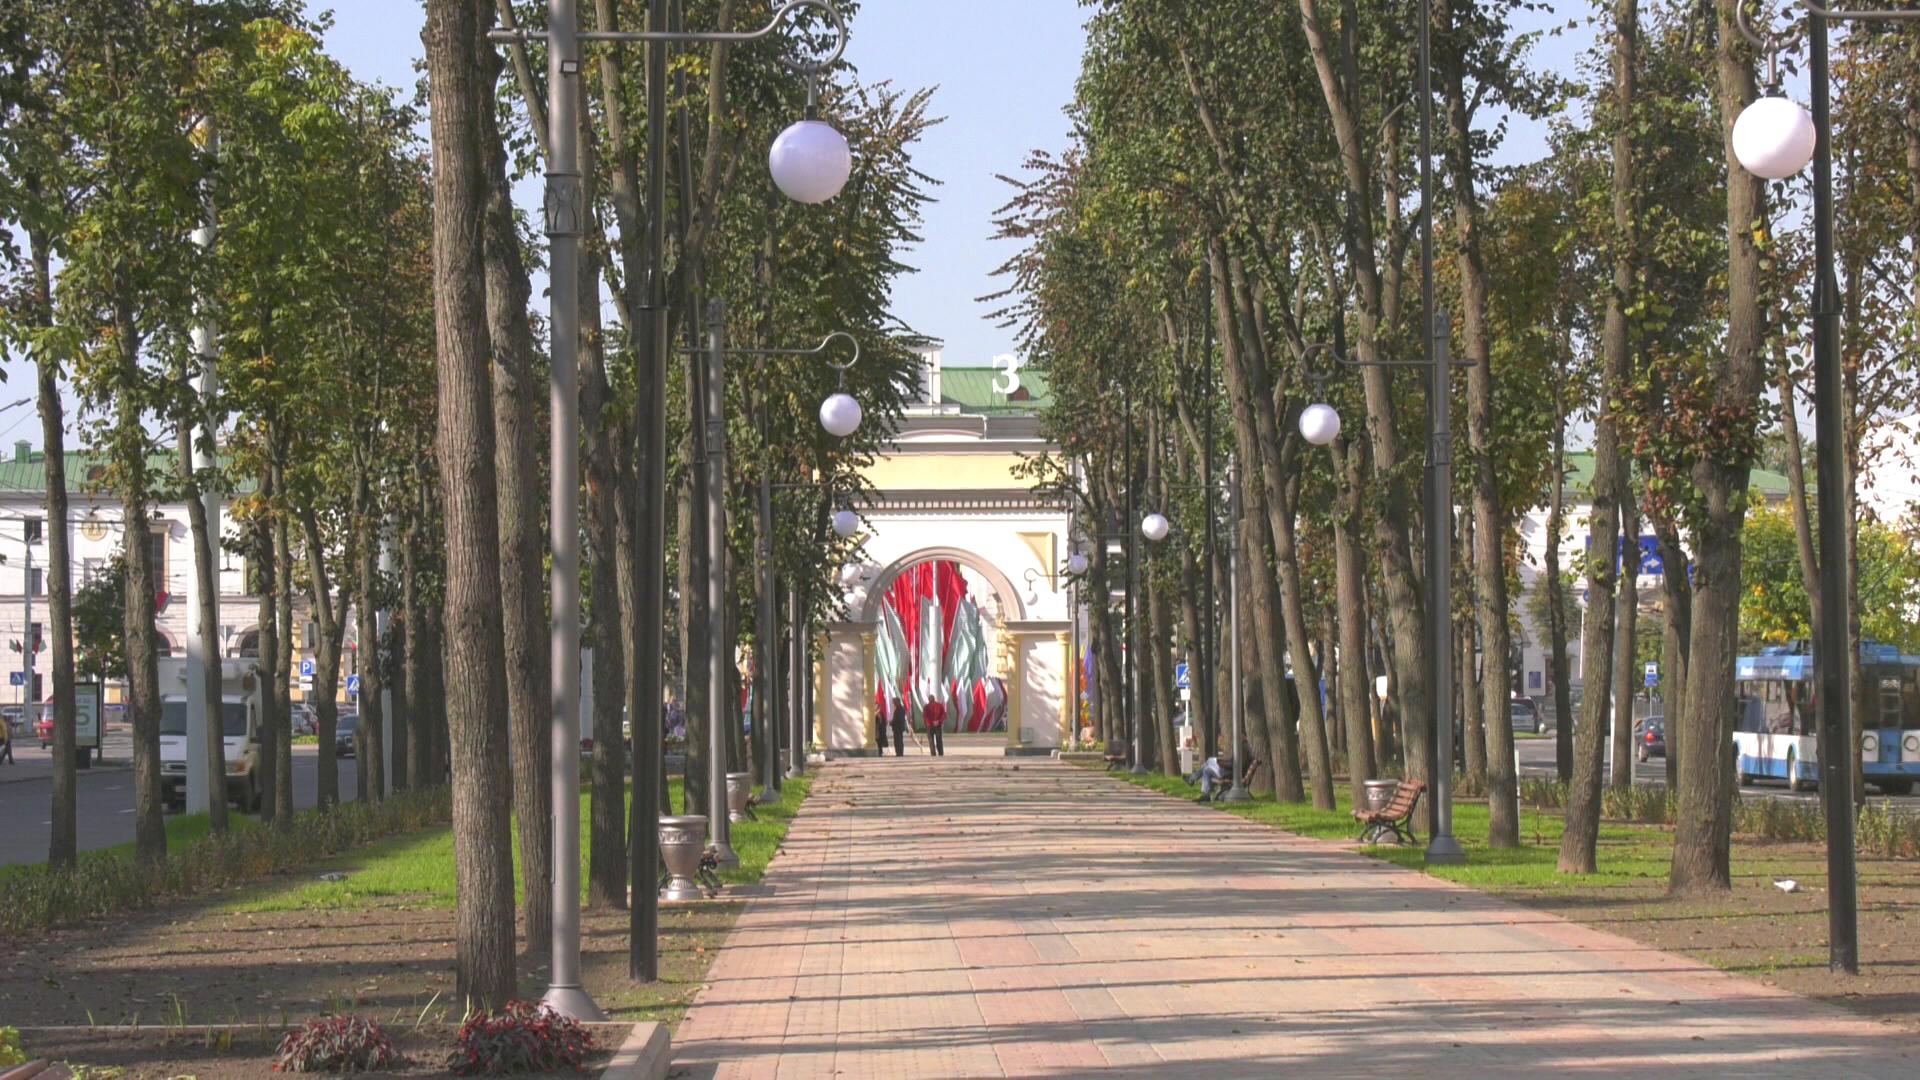 kirova 1 - На «Дажынках» в Витебске откроют обновлённый сквер на улице Кирова (видео)